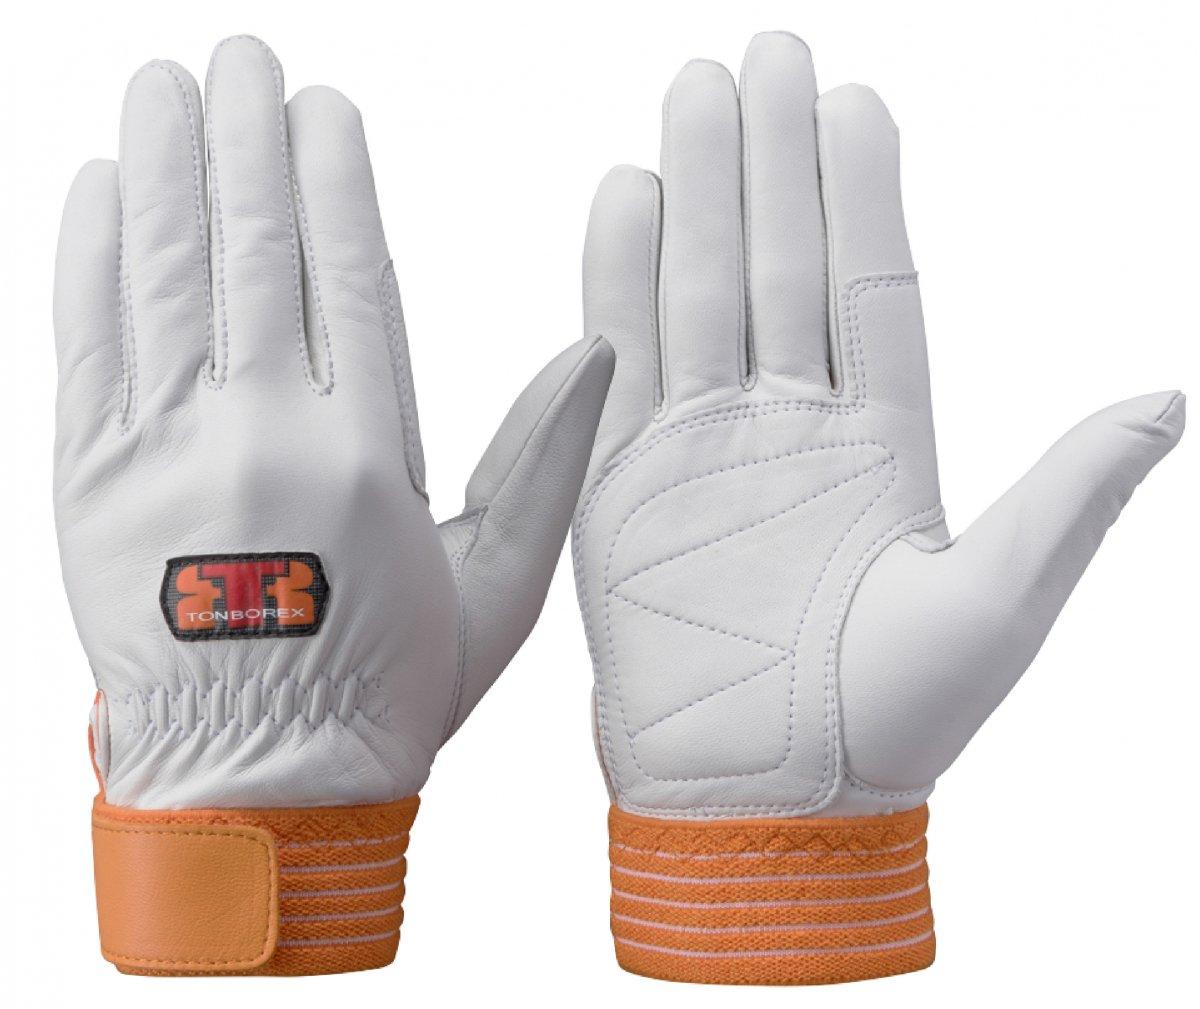 トンボレックス R-330R 羊革製手袋